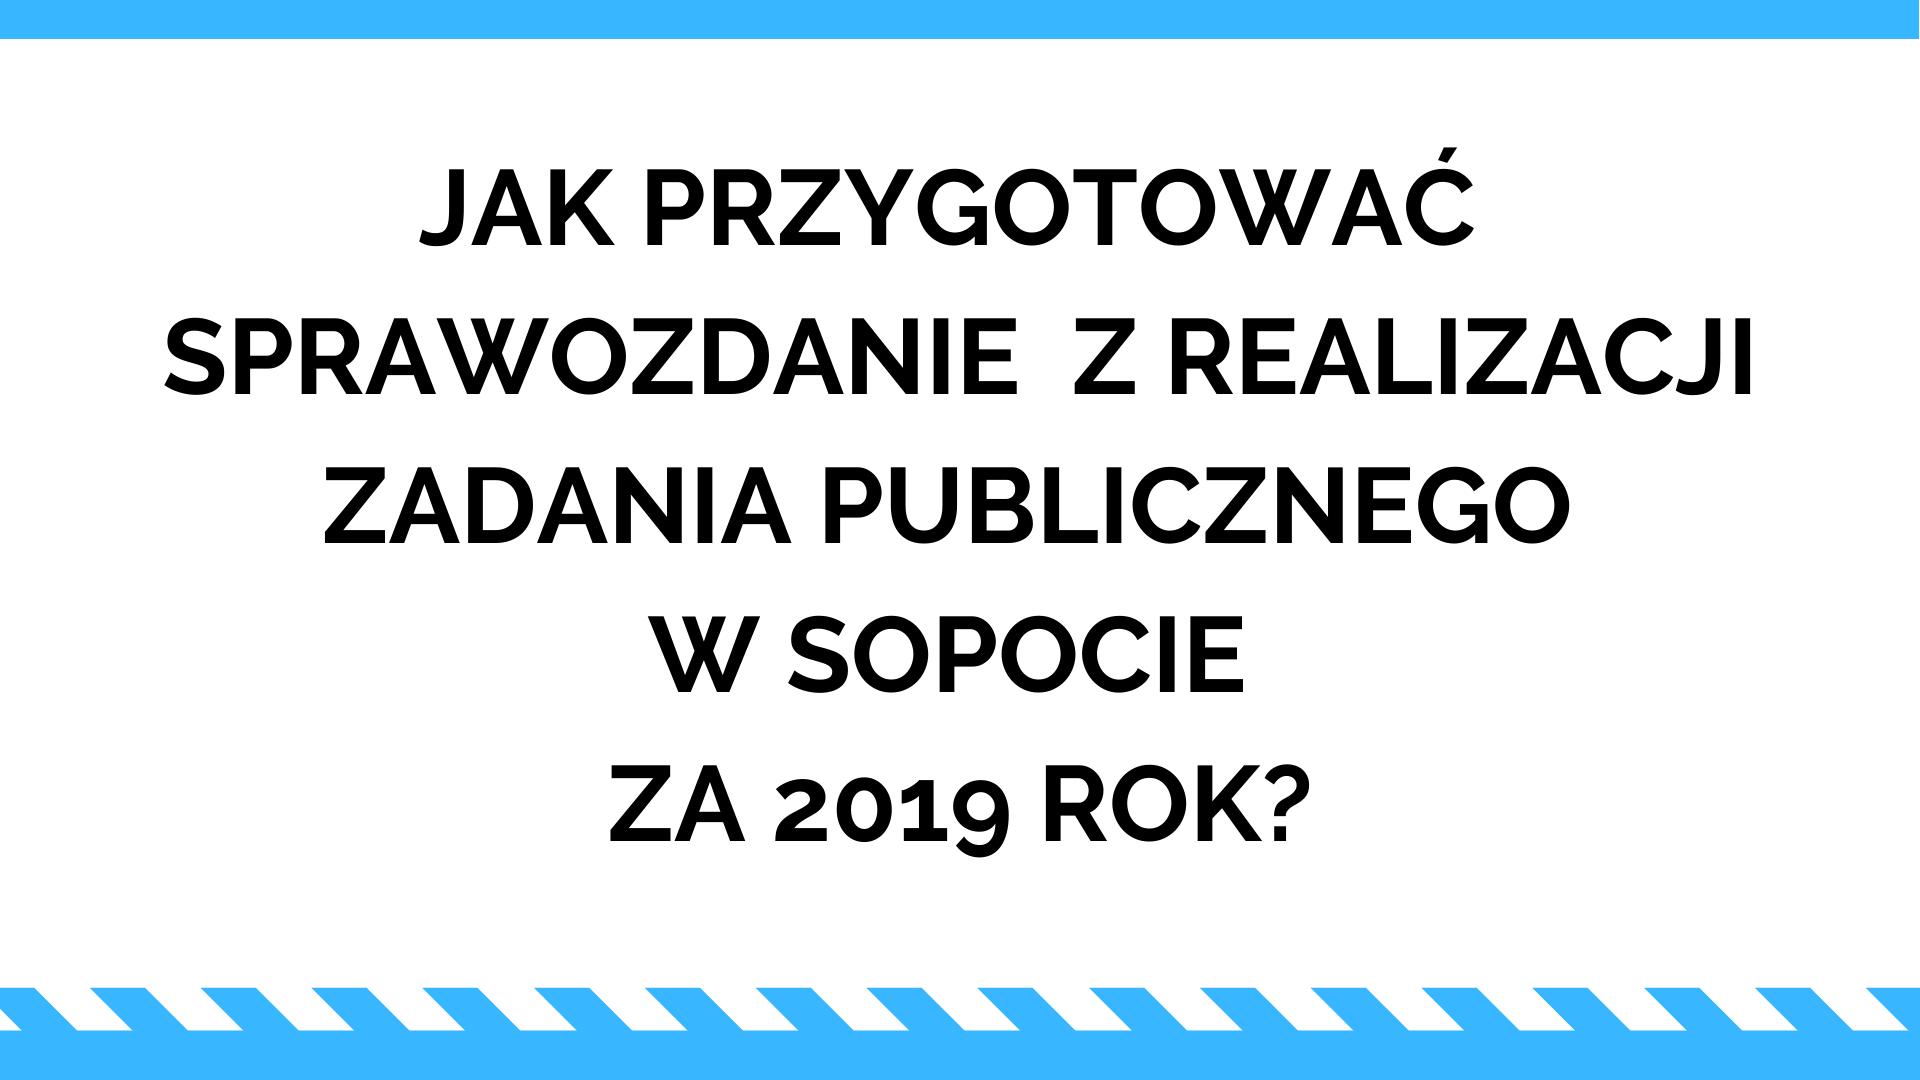 Przygotuj terminowo sprawozdanie z realizacji zadań publicznych w Sopocie | 30 stycznia 2020